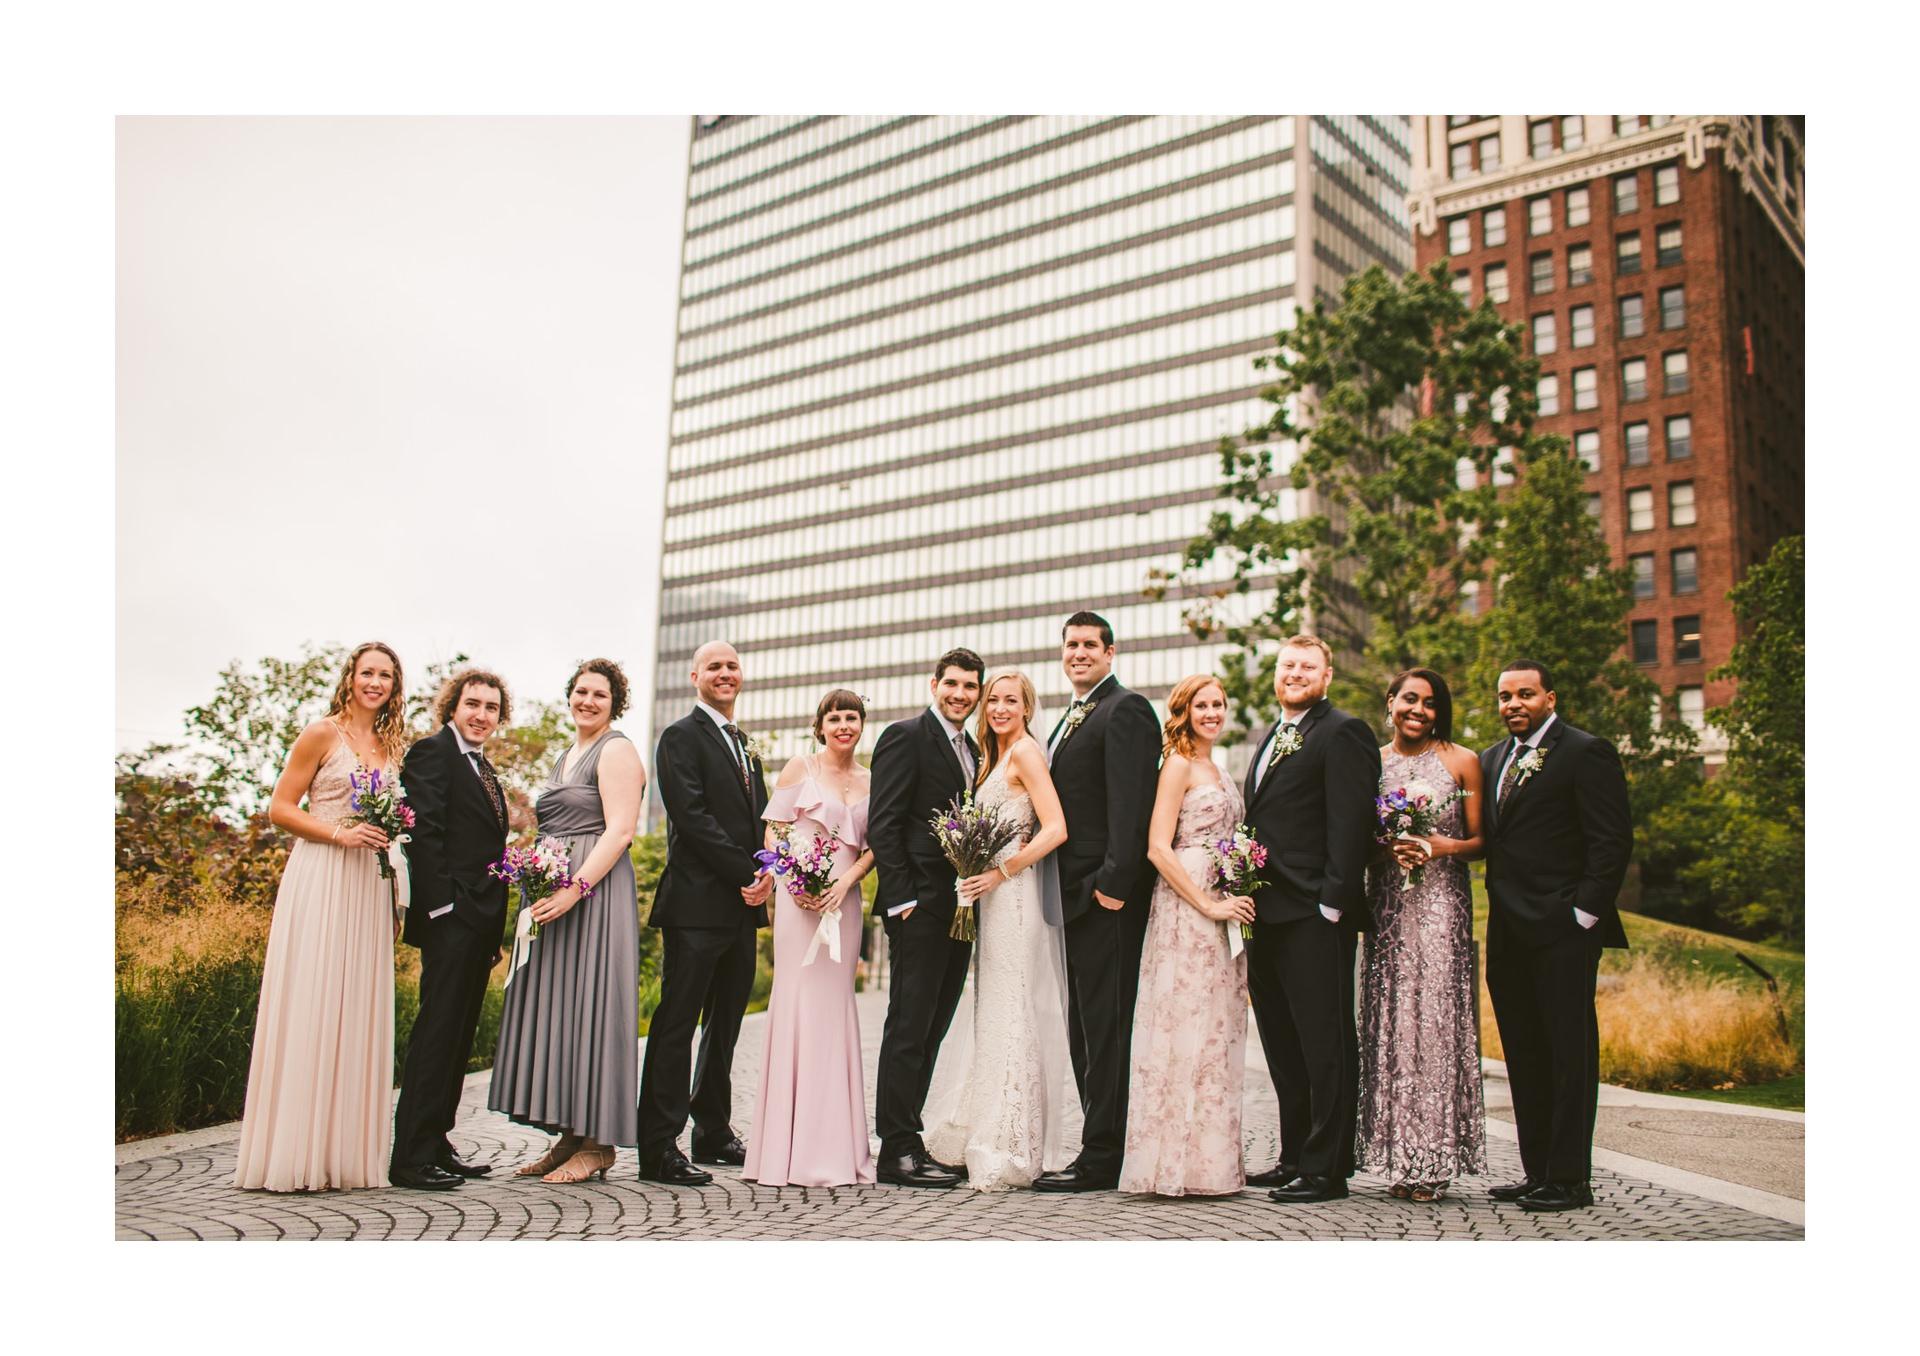 Aloft Hotel Alley Cat Oyster Bar Wedding in Cleveland 34.jpg